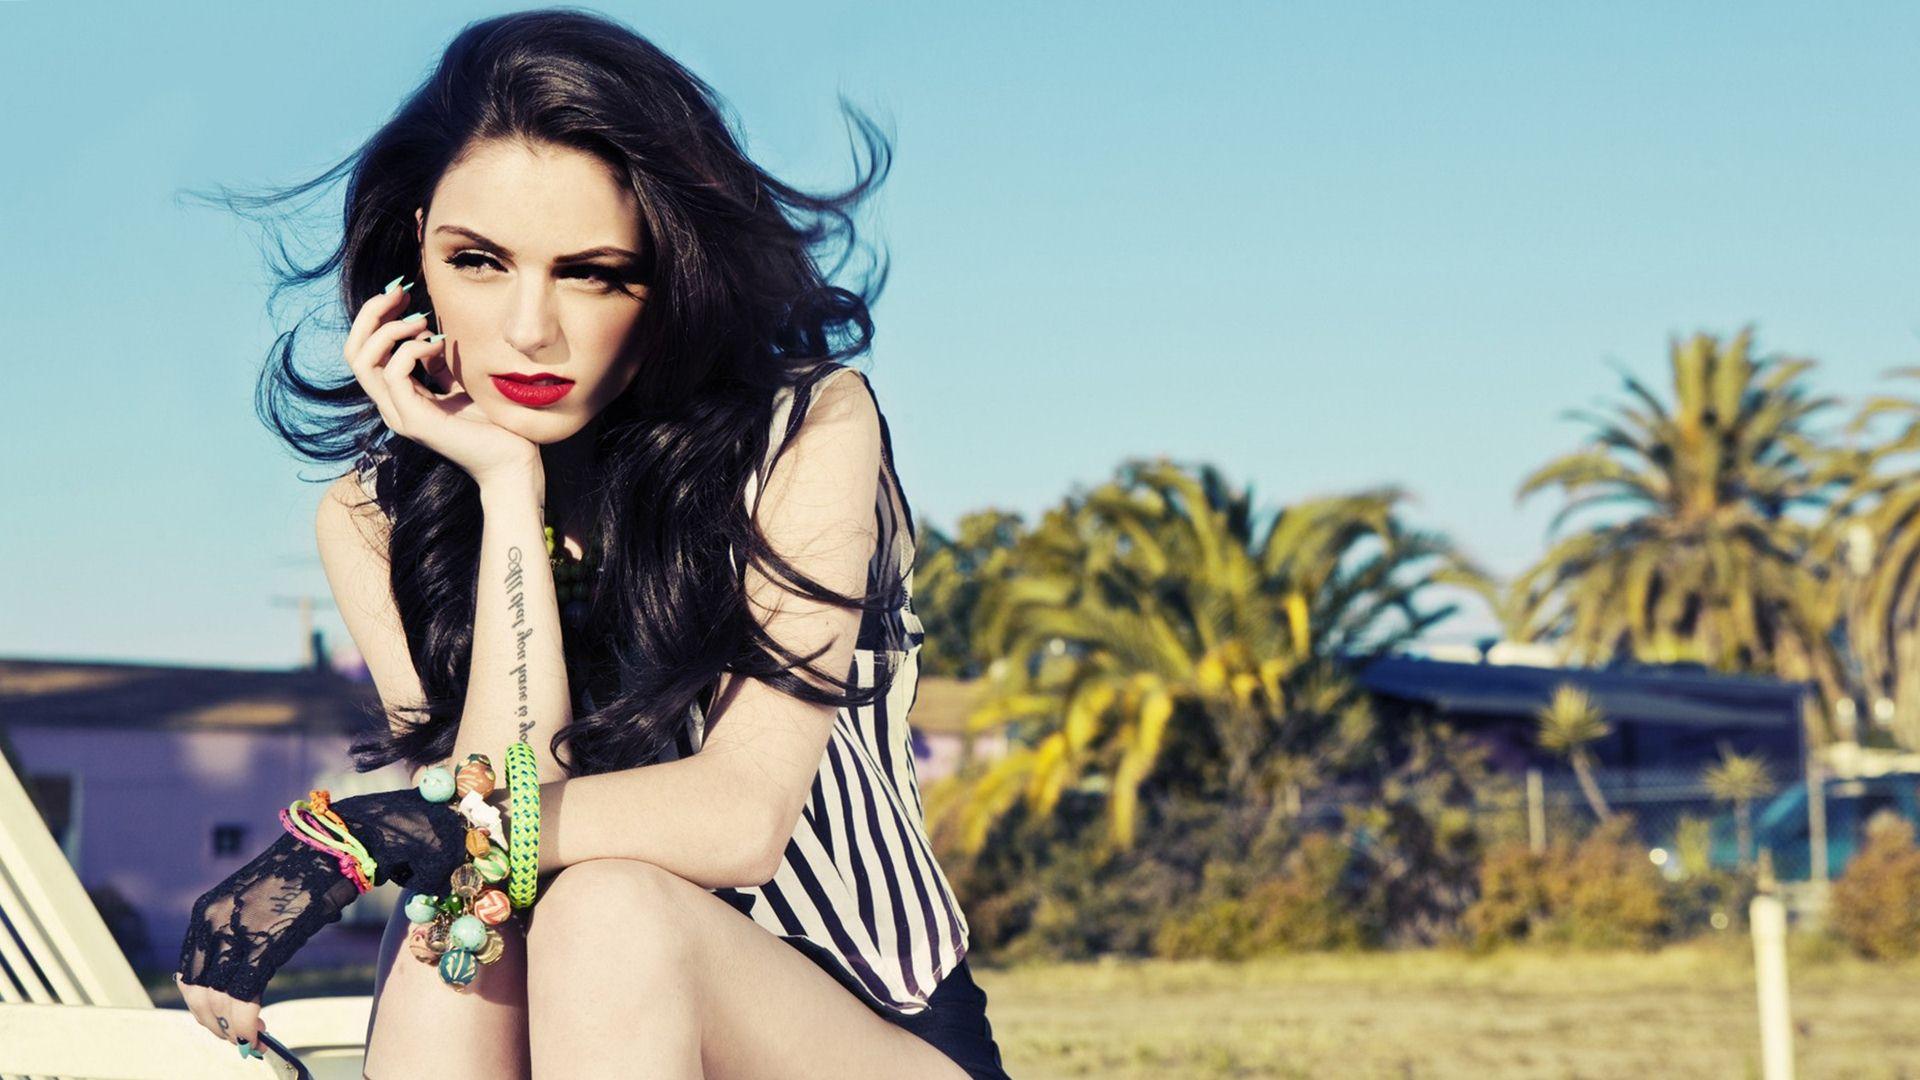 Hot Cher Lloyd Desktop Wallpaper 19x1080px